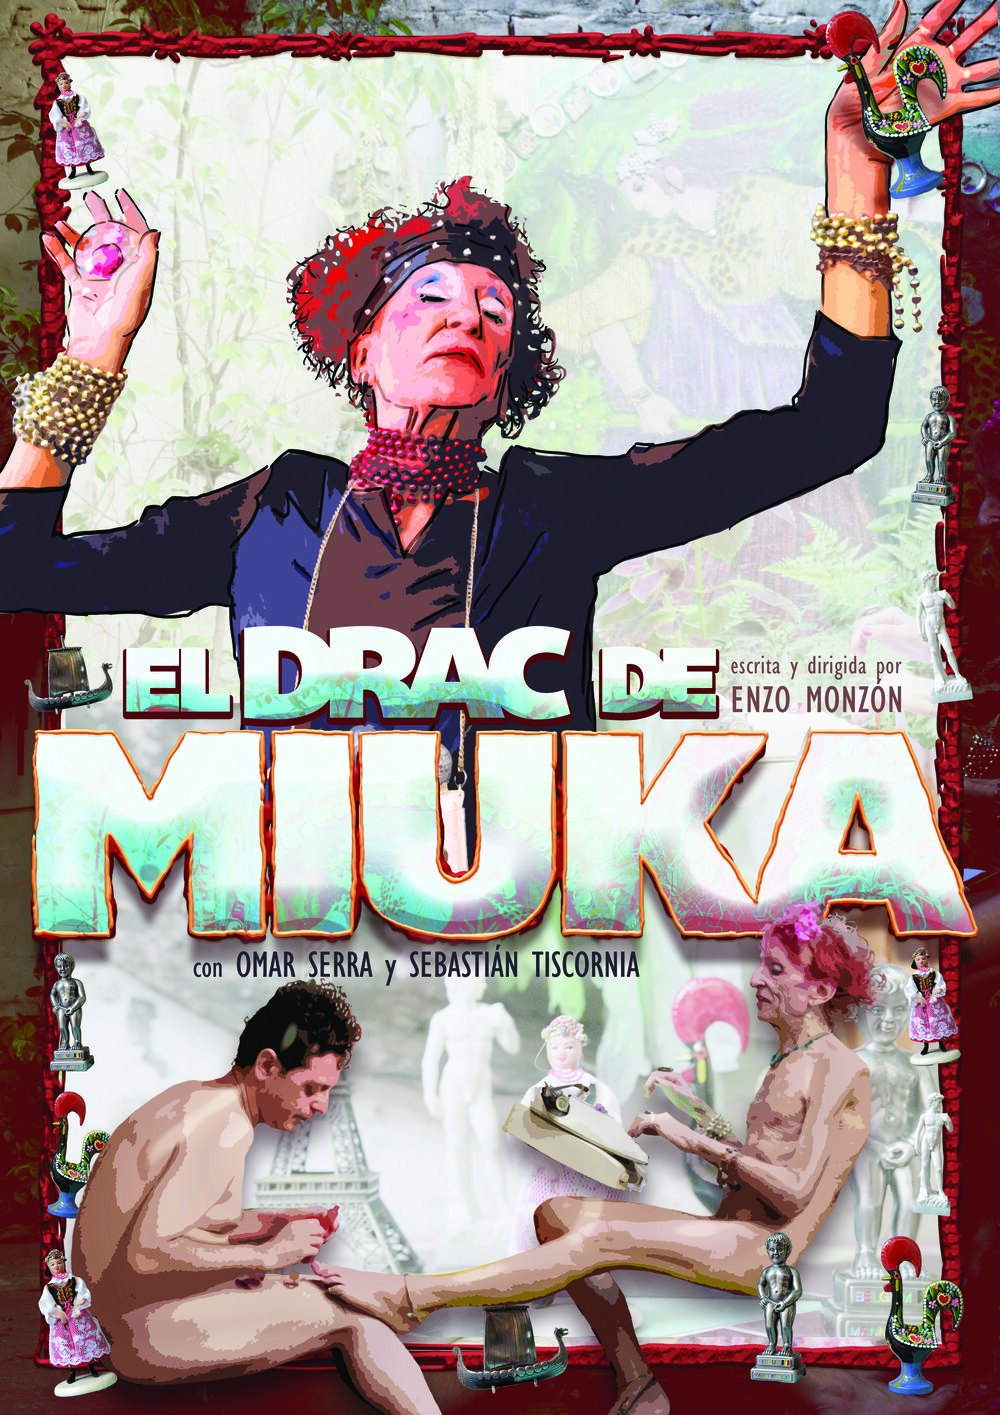 El Drac de Miuka. A4. Original.jpg